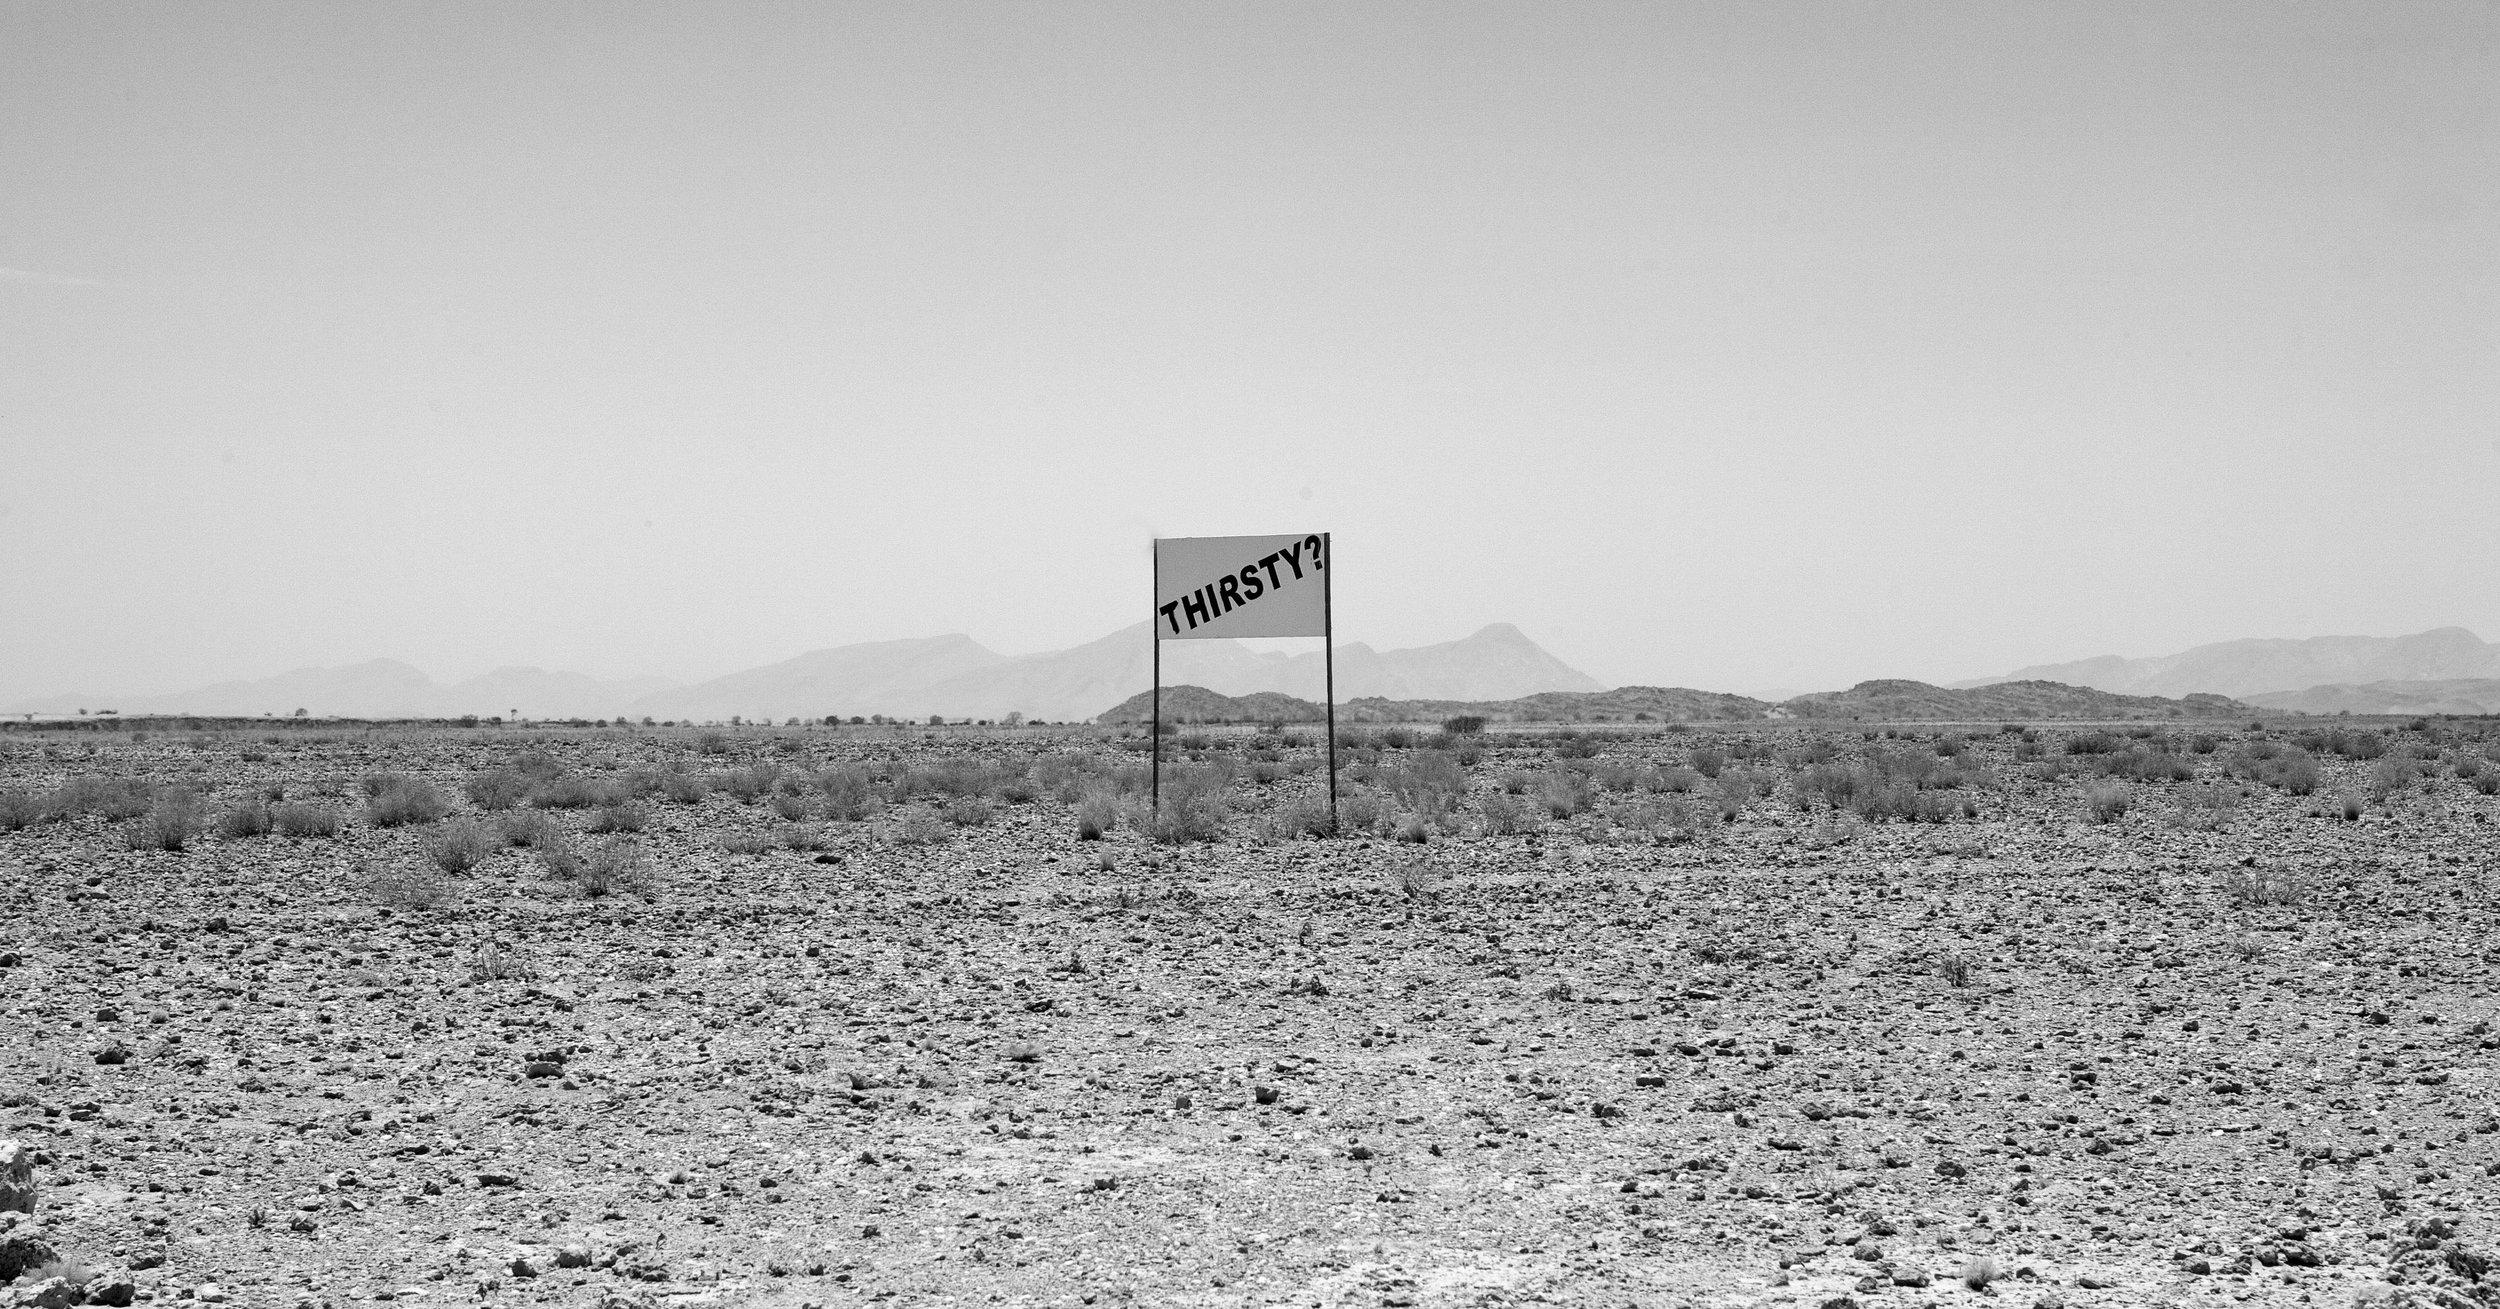 _MG_5737 2-1,9x1-namibia-ig-crop.jpg